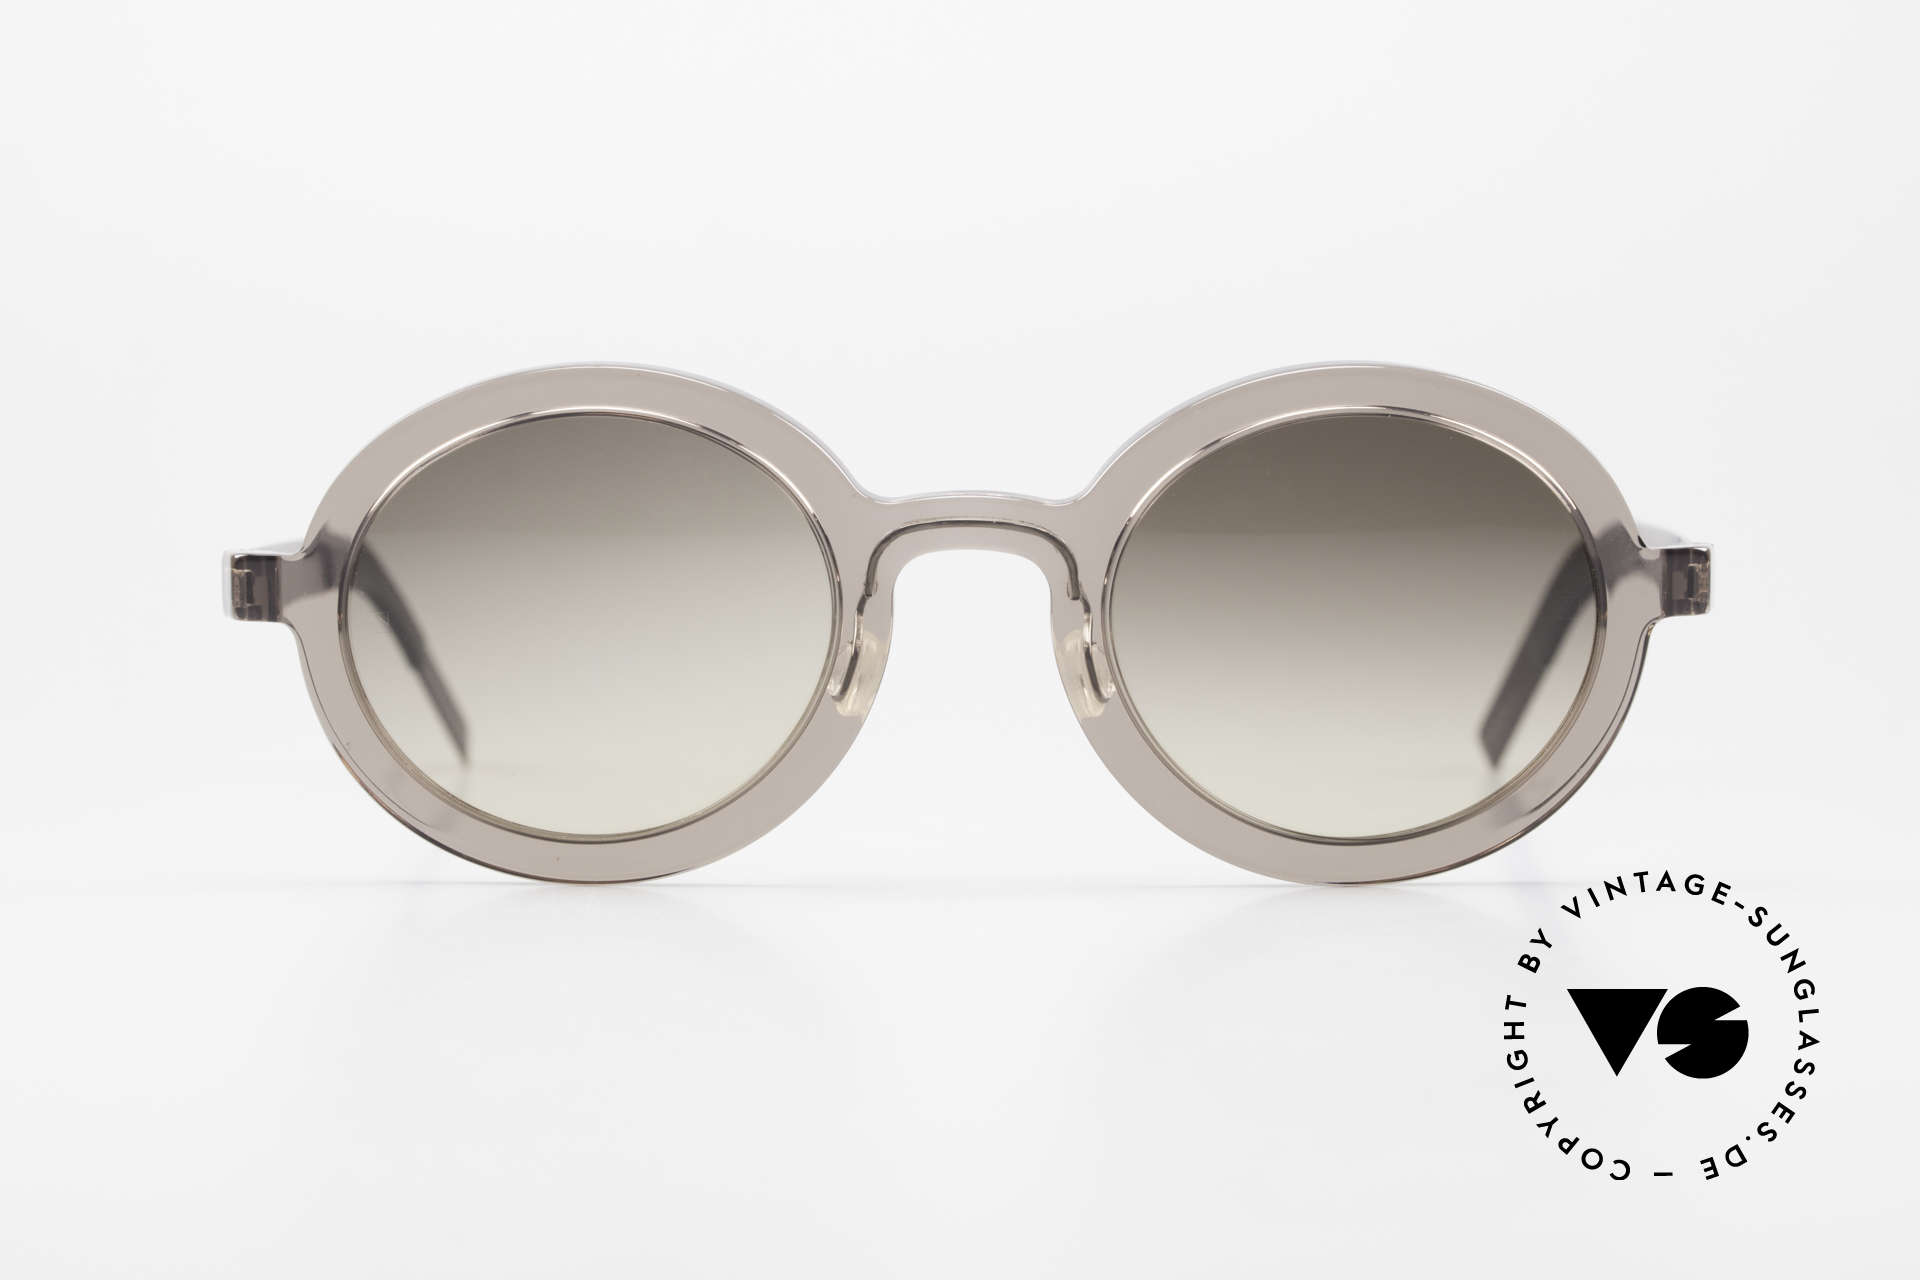 Lindberg 8570 Acetanium Oval Runde Sonnenbrille Unisex, Designer-Sonnenbrille; Acetat & Titanium Kombination, Passend für Herren und Damen